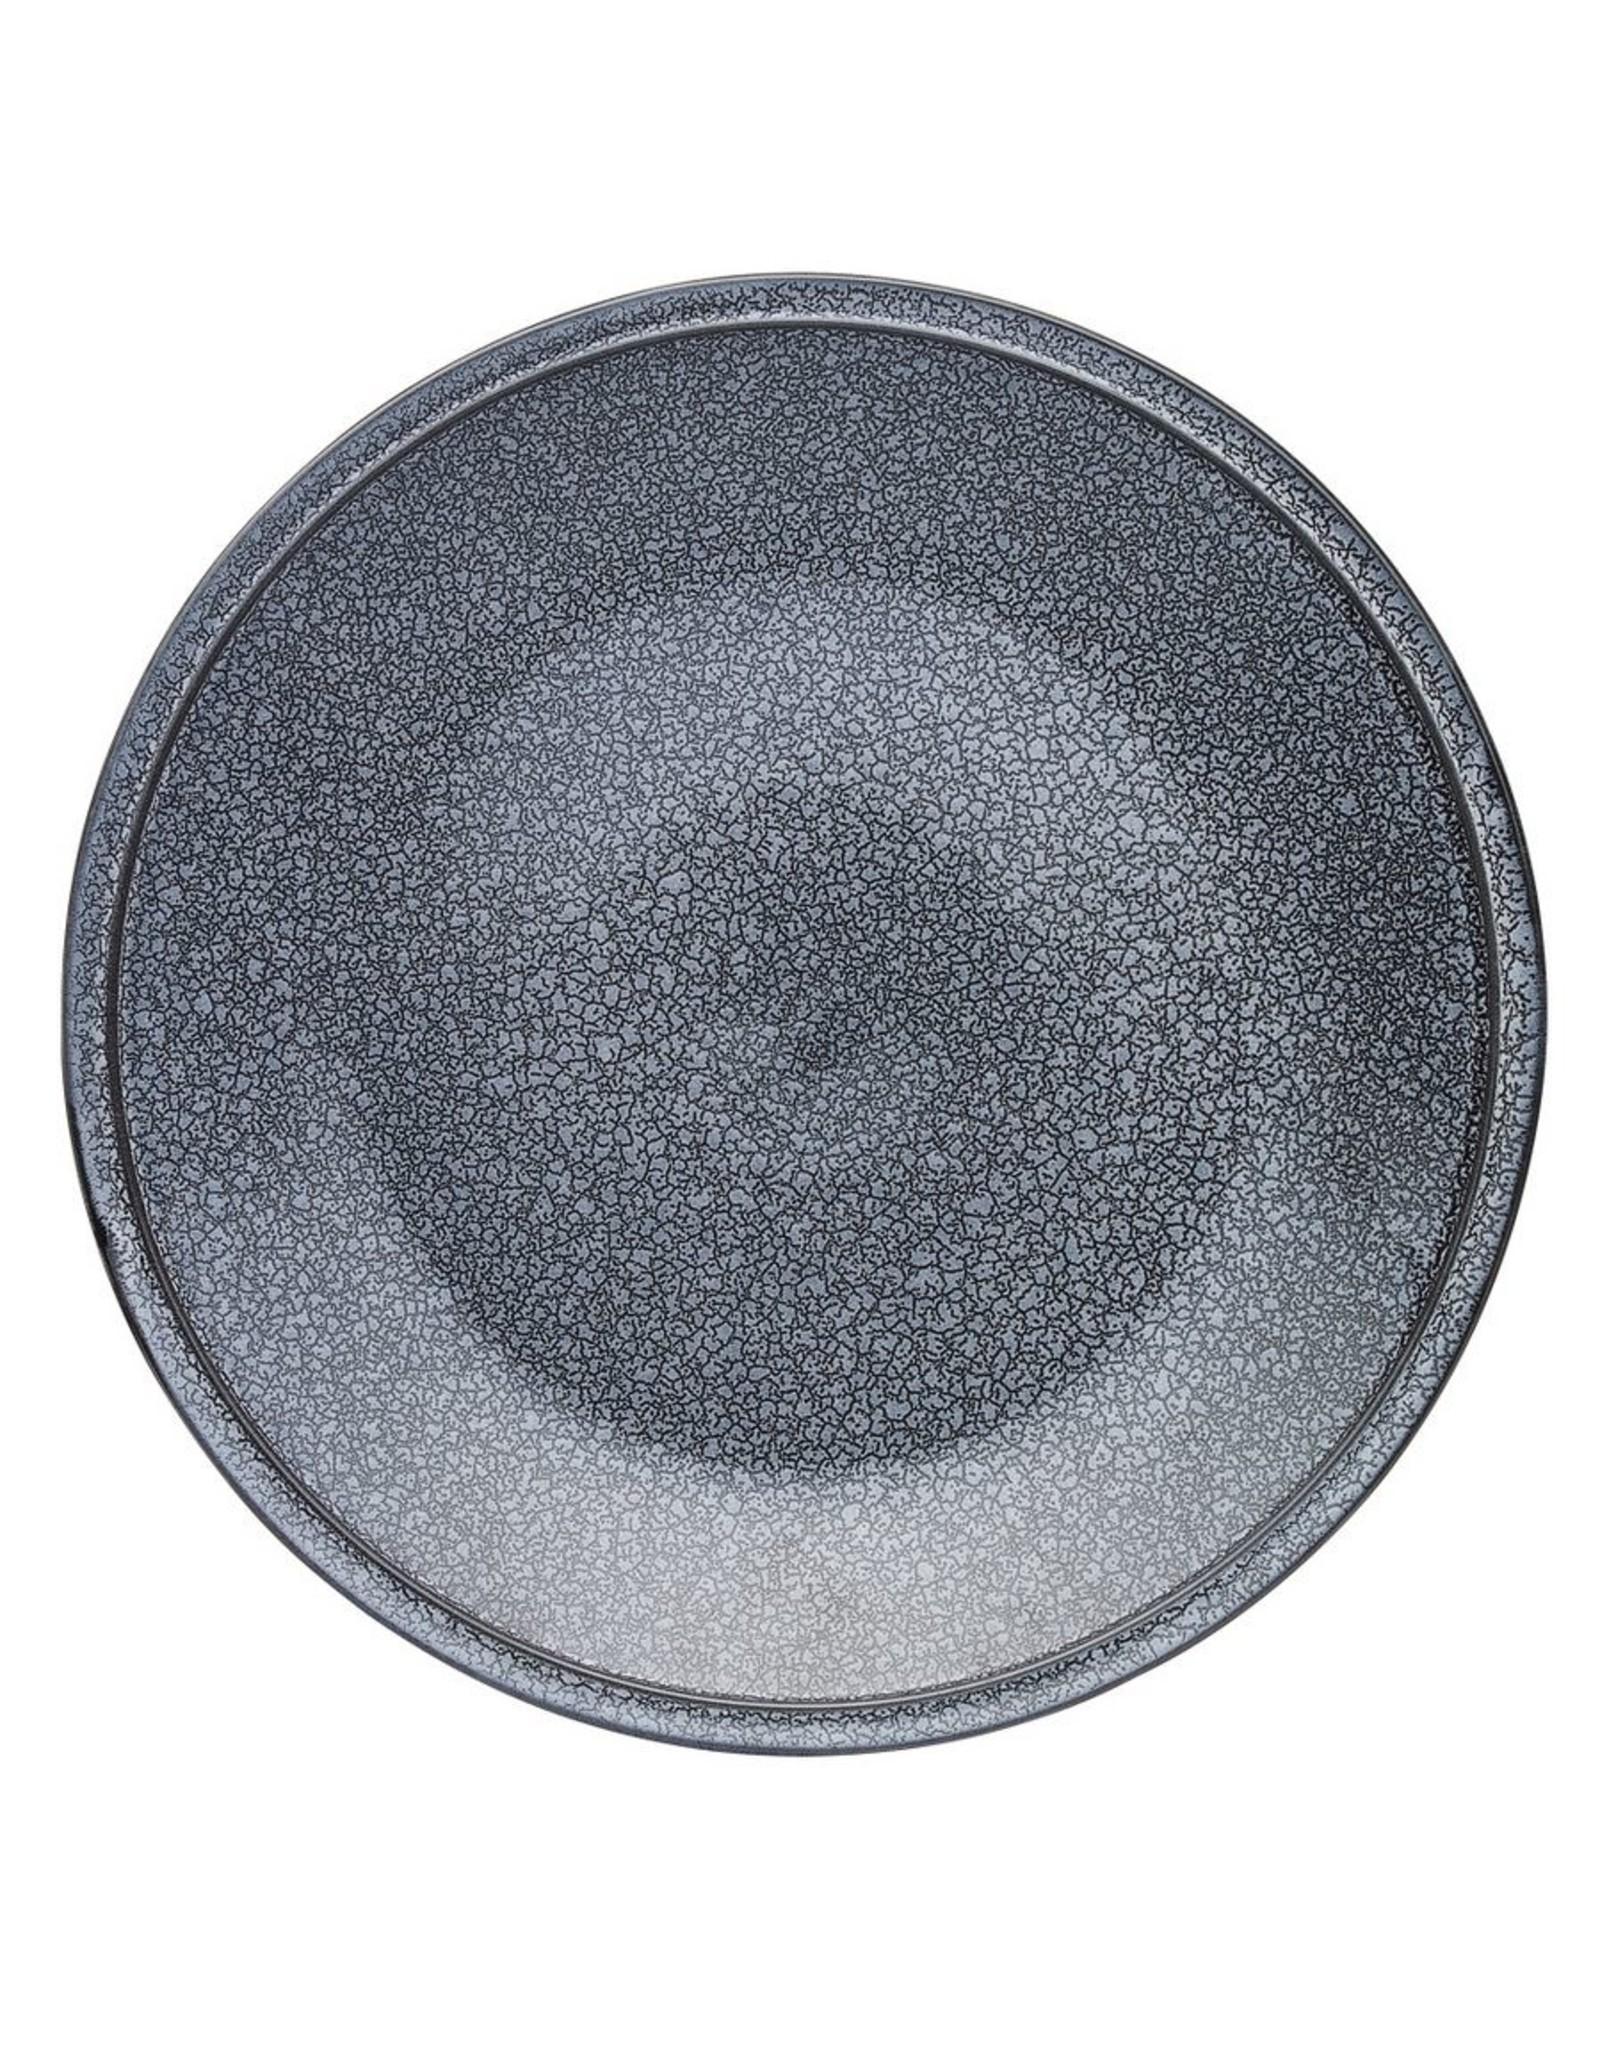 Ecology Arid Serving Platter 33cm